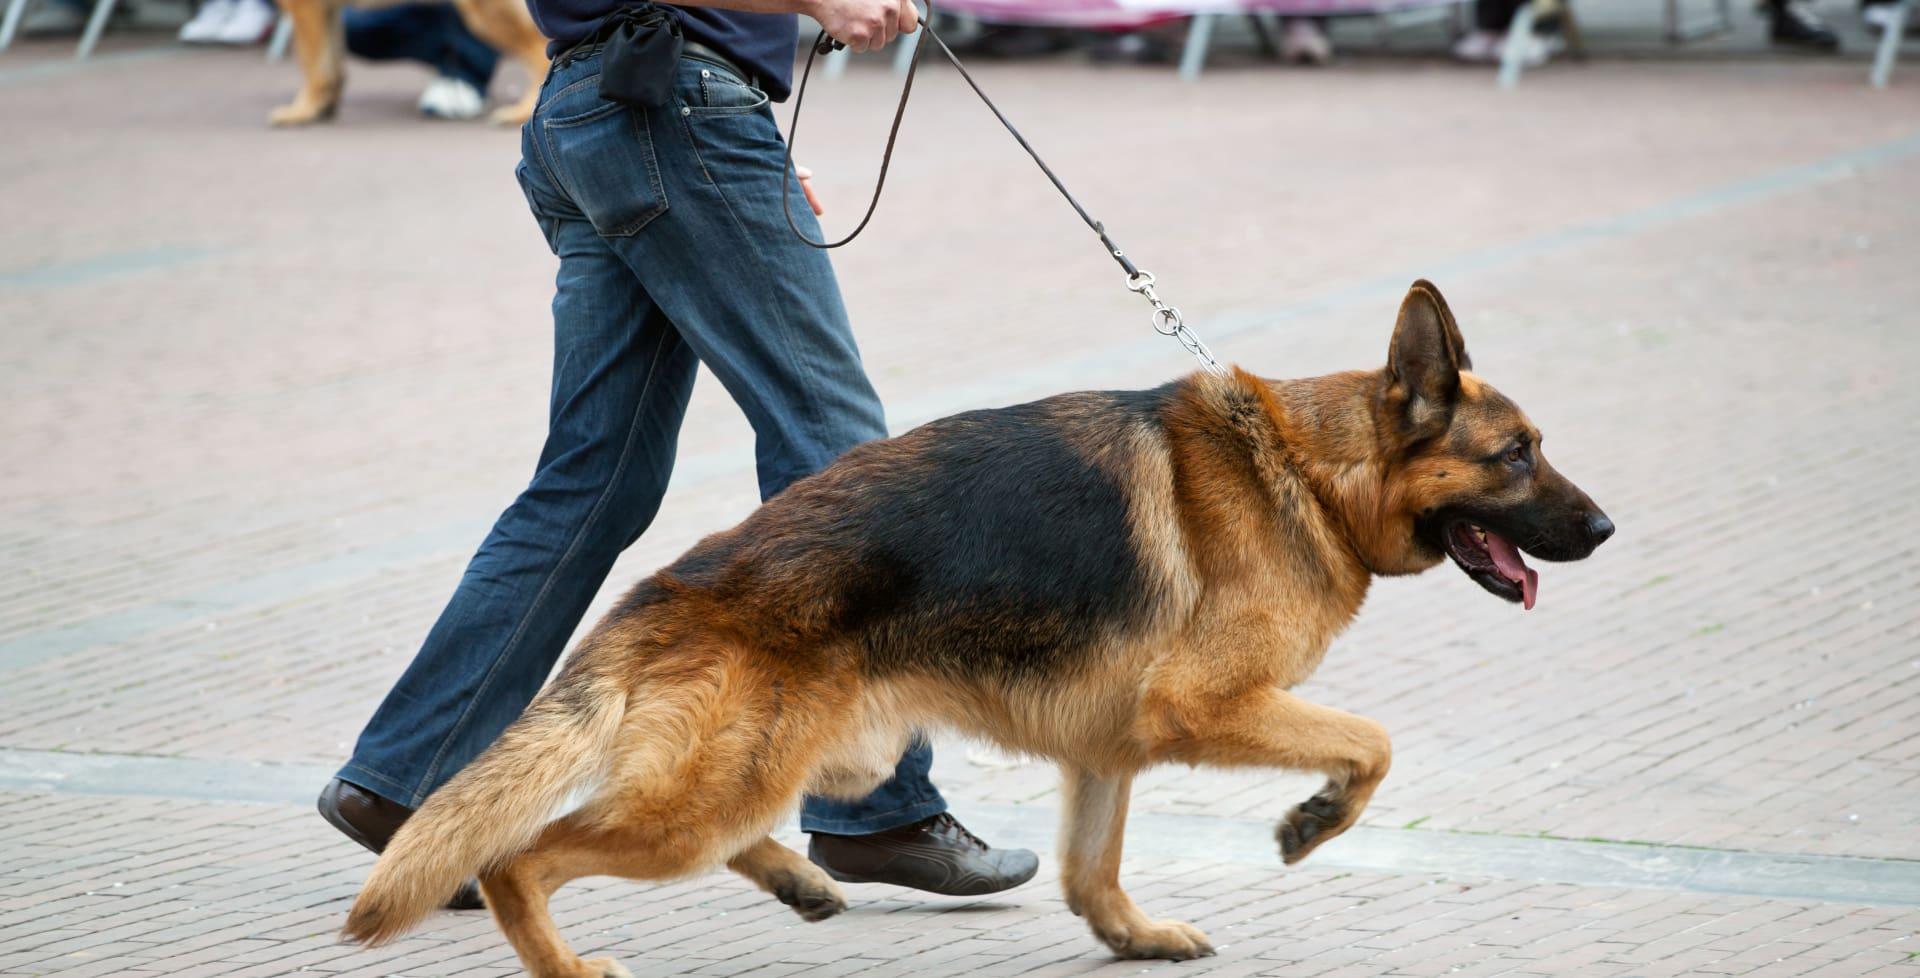 Hunder, barn og syklister kan påføre skade. Mange har ansvarsforsikring som dekker slike skader.